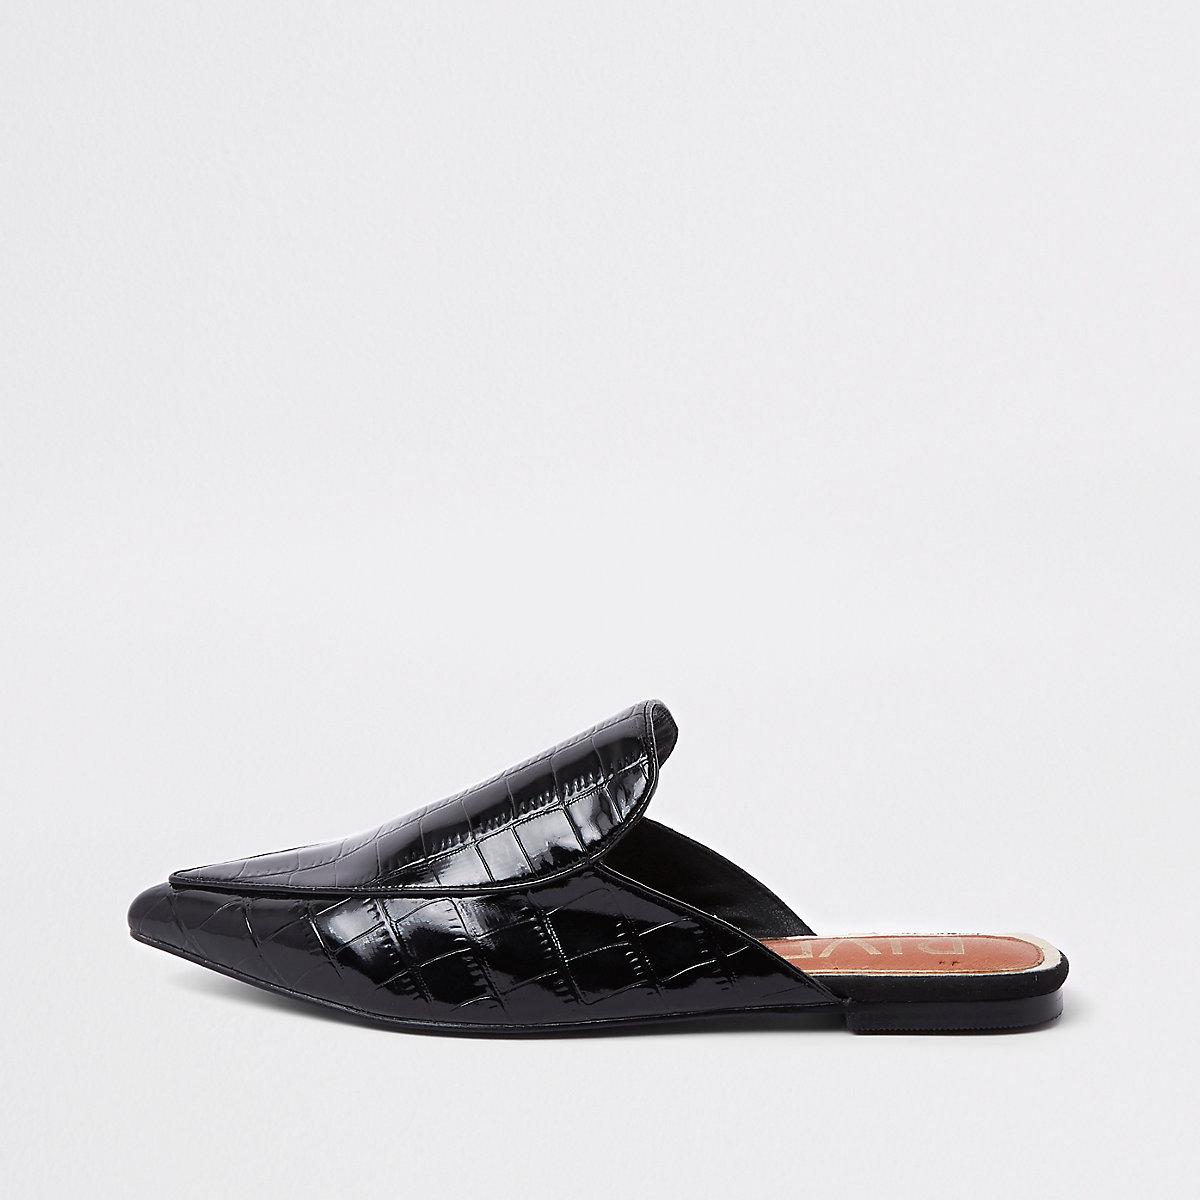 Zwarte loafers zonder achterkant met krokodillenprint en puntige neus